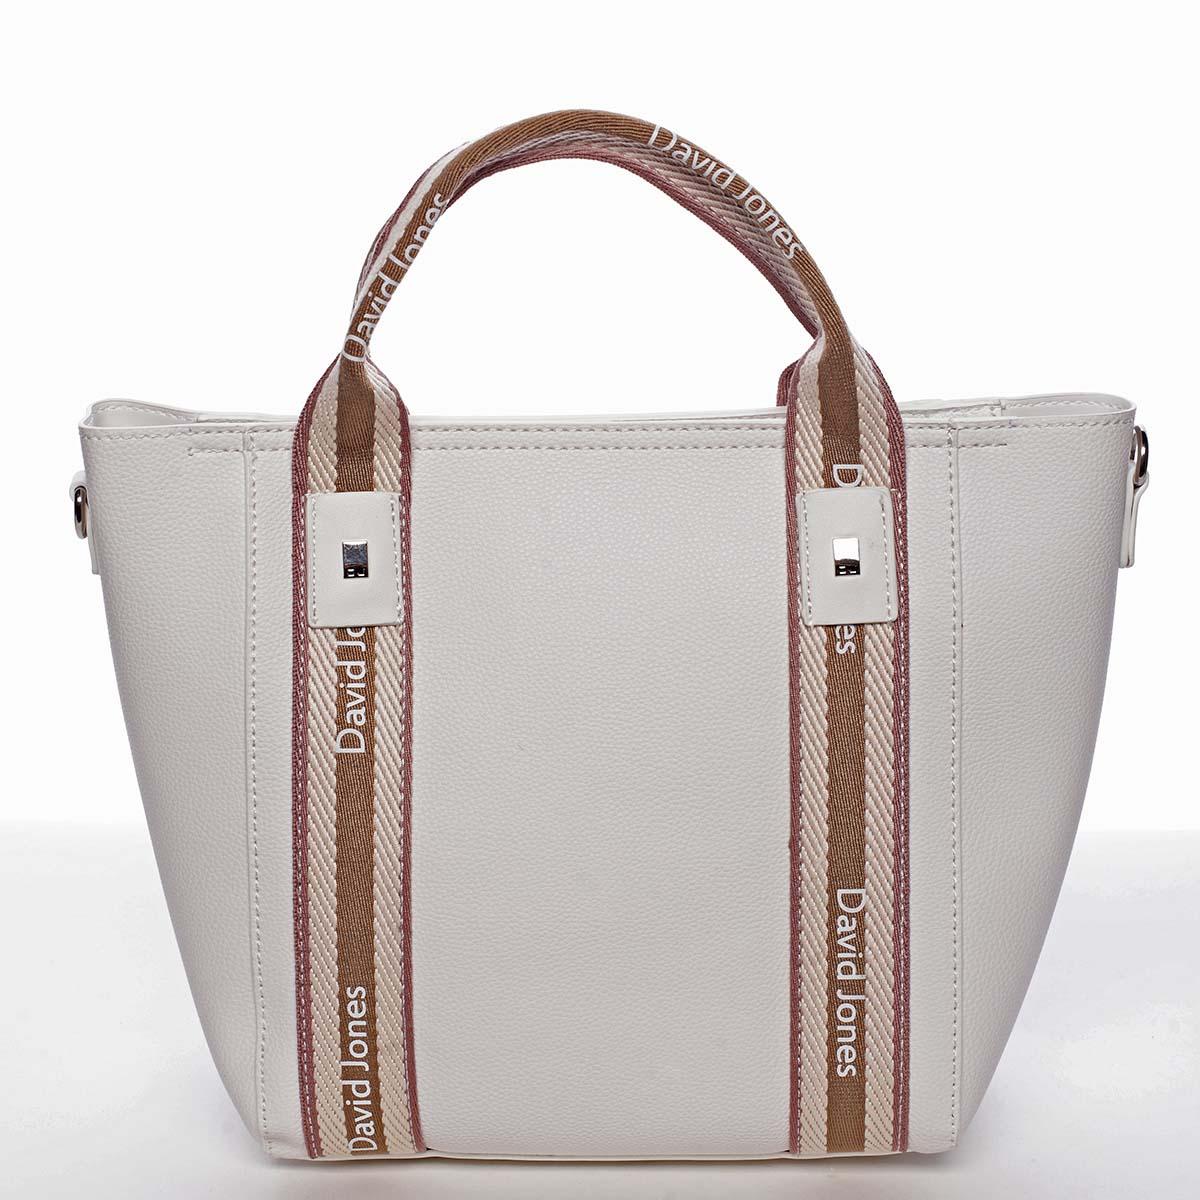 Moderní dámská bílá kabelka do ruky - David Jones Agna